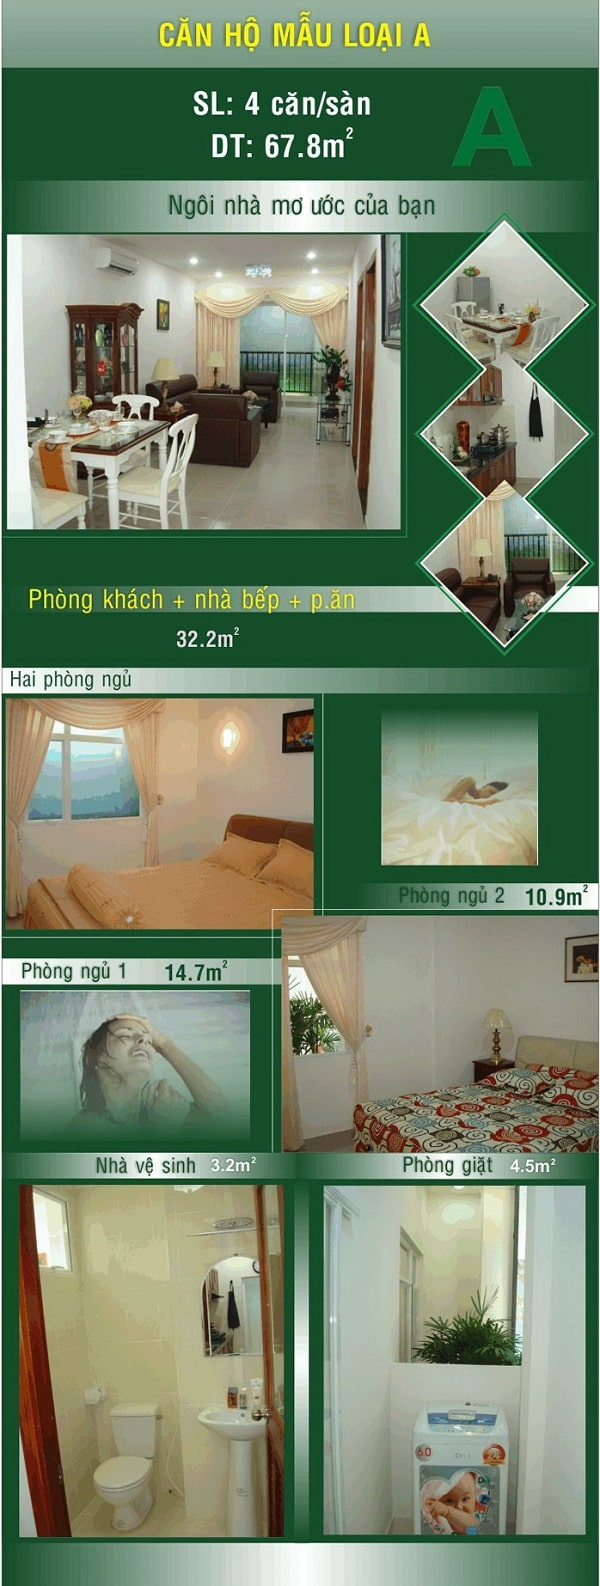 Thiết kế căn hộ mẫu A tại khu đô thị Đại Phú